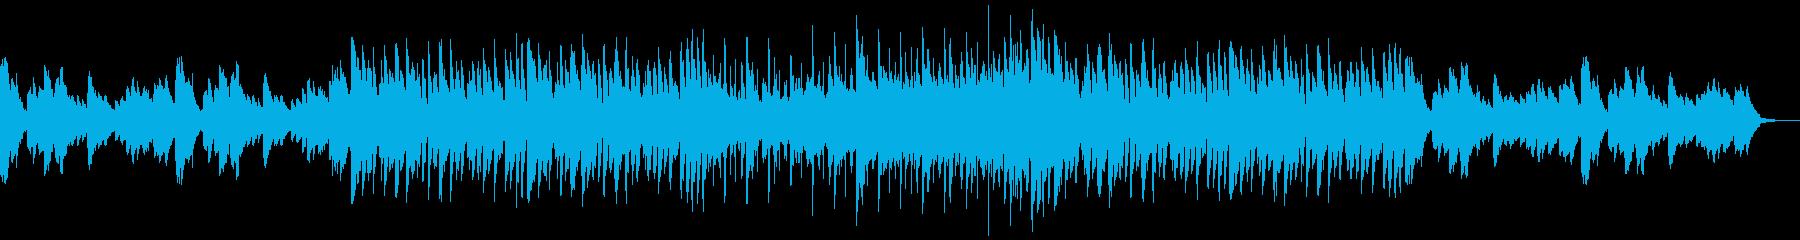 メロディアスでクールなハウスの再生済みの波形